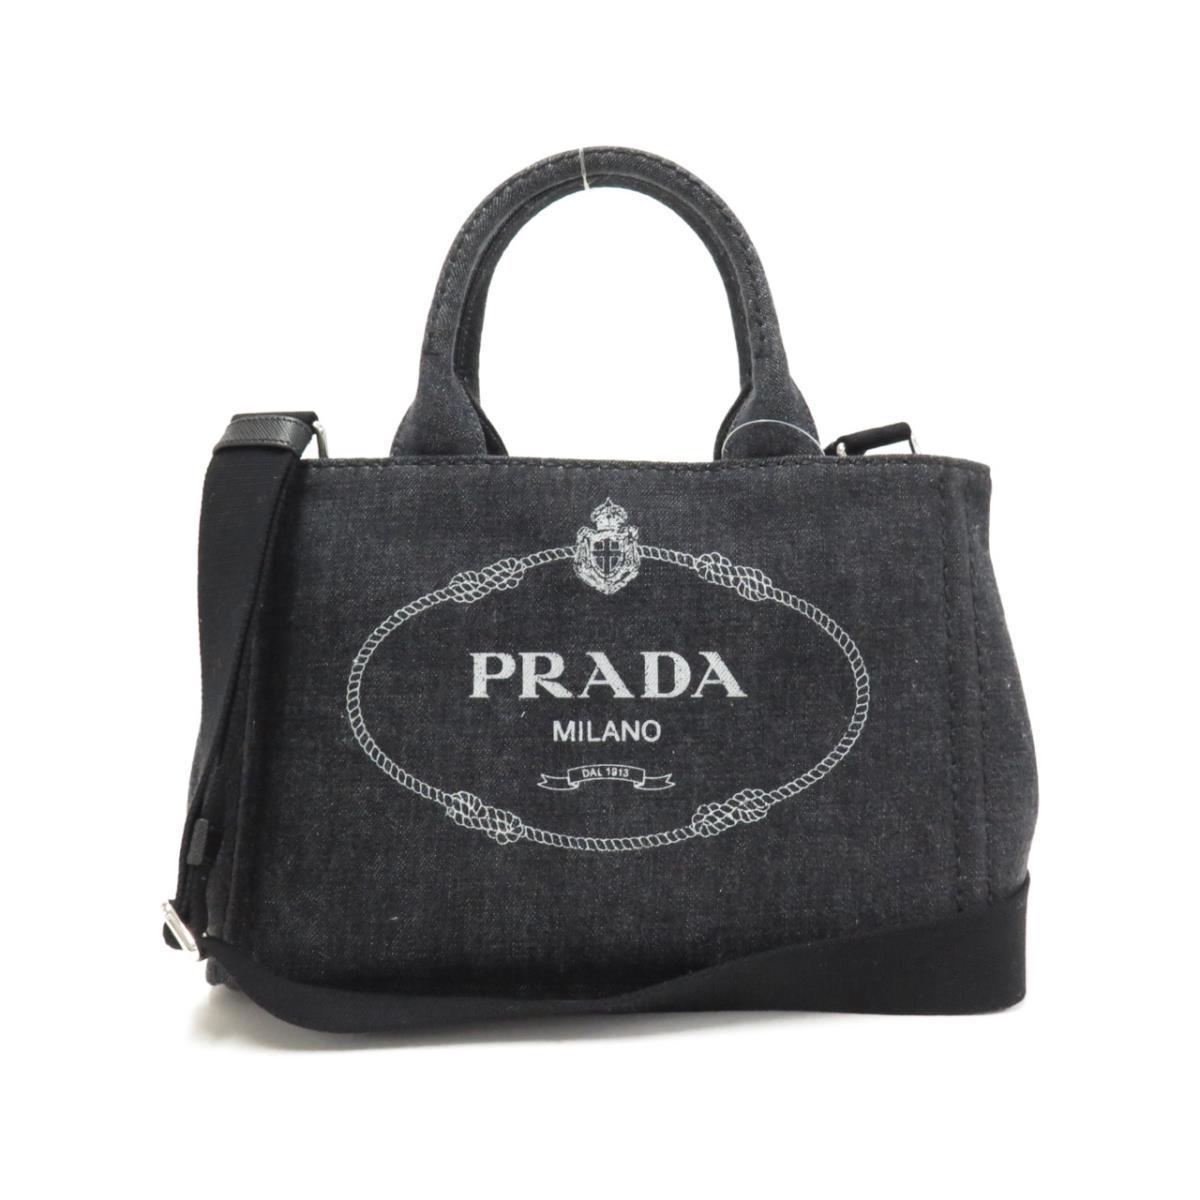 【新品】プラダ バッグ 1BG439【新品】